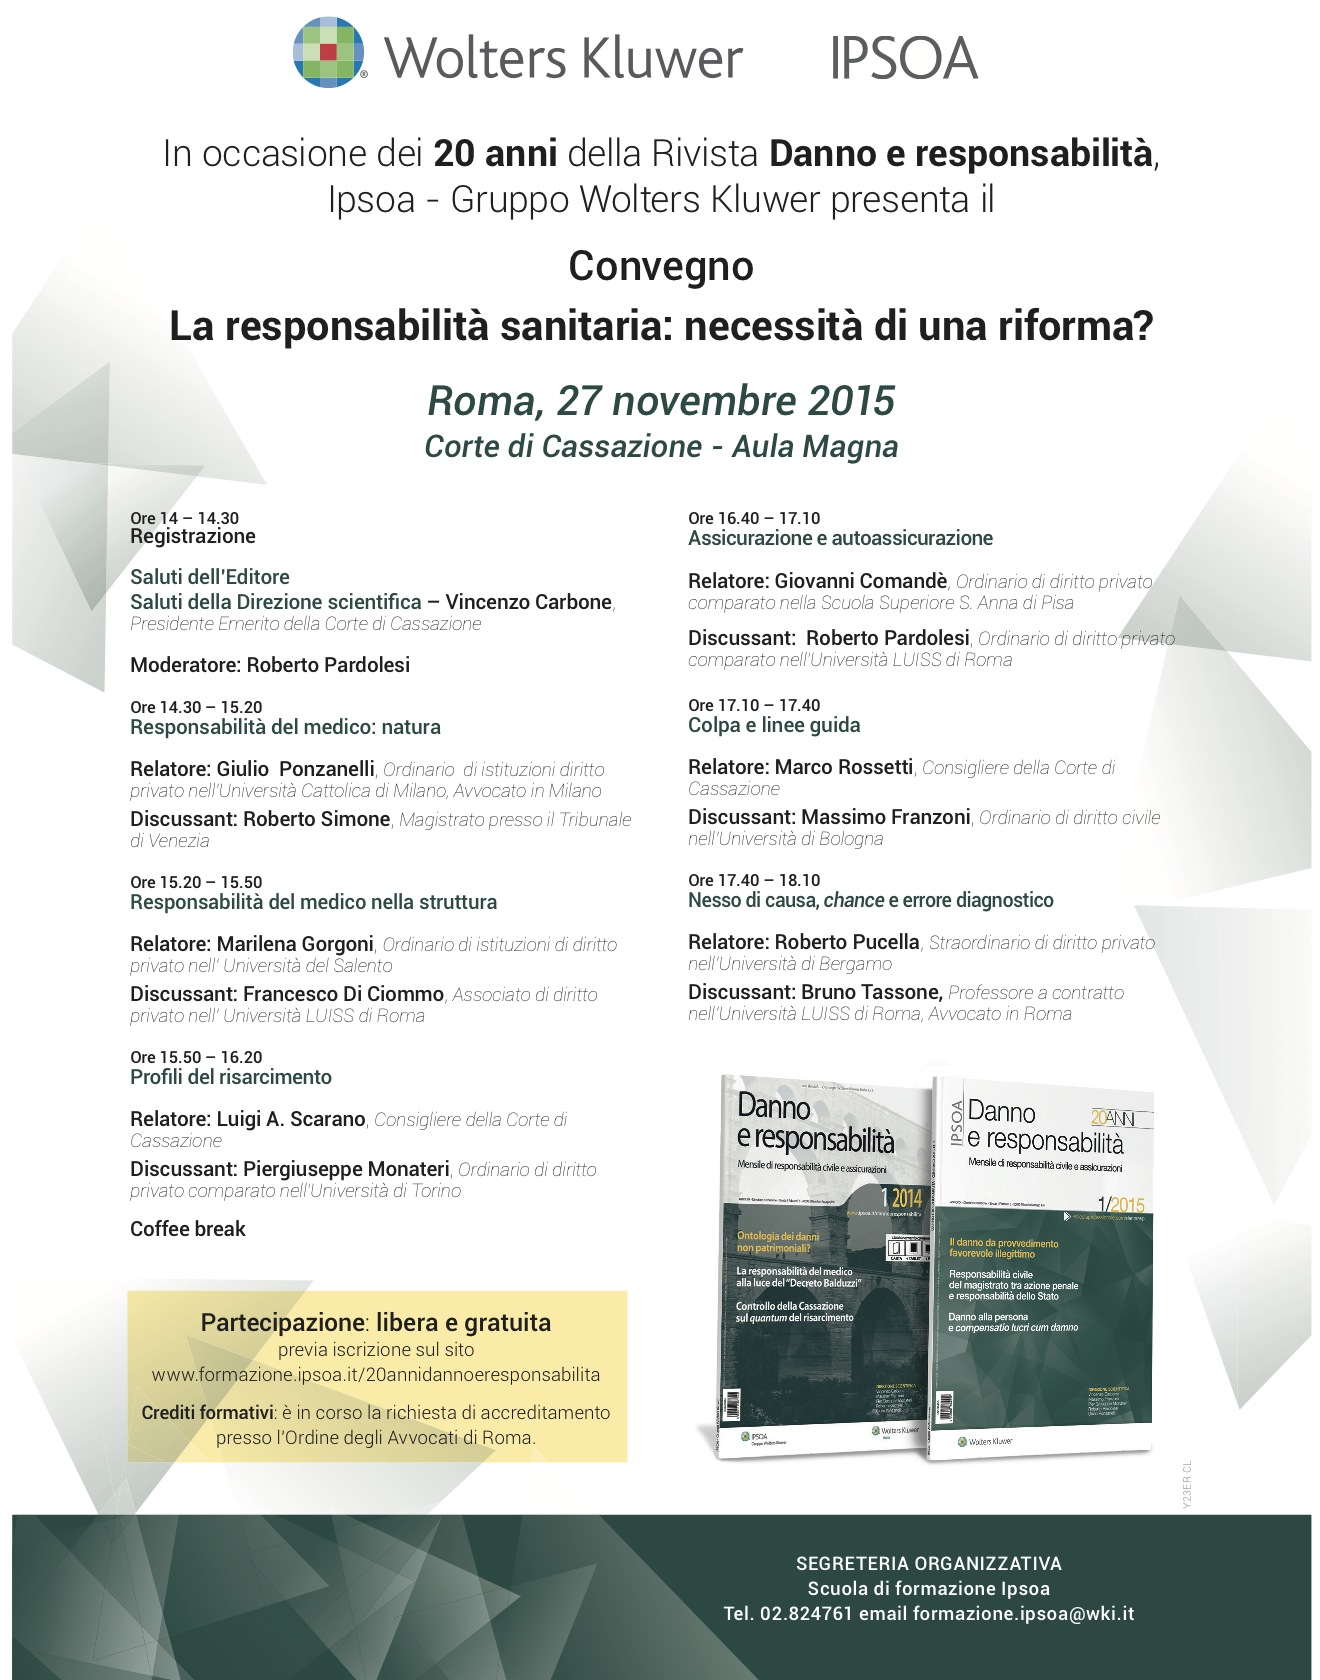 La responsabilità sanitaria- necessità di una riforma - Roma, 27 novembre 2015